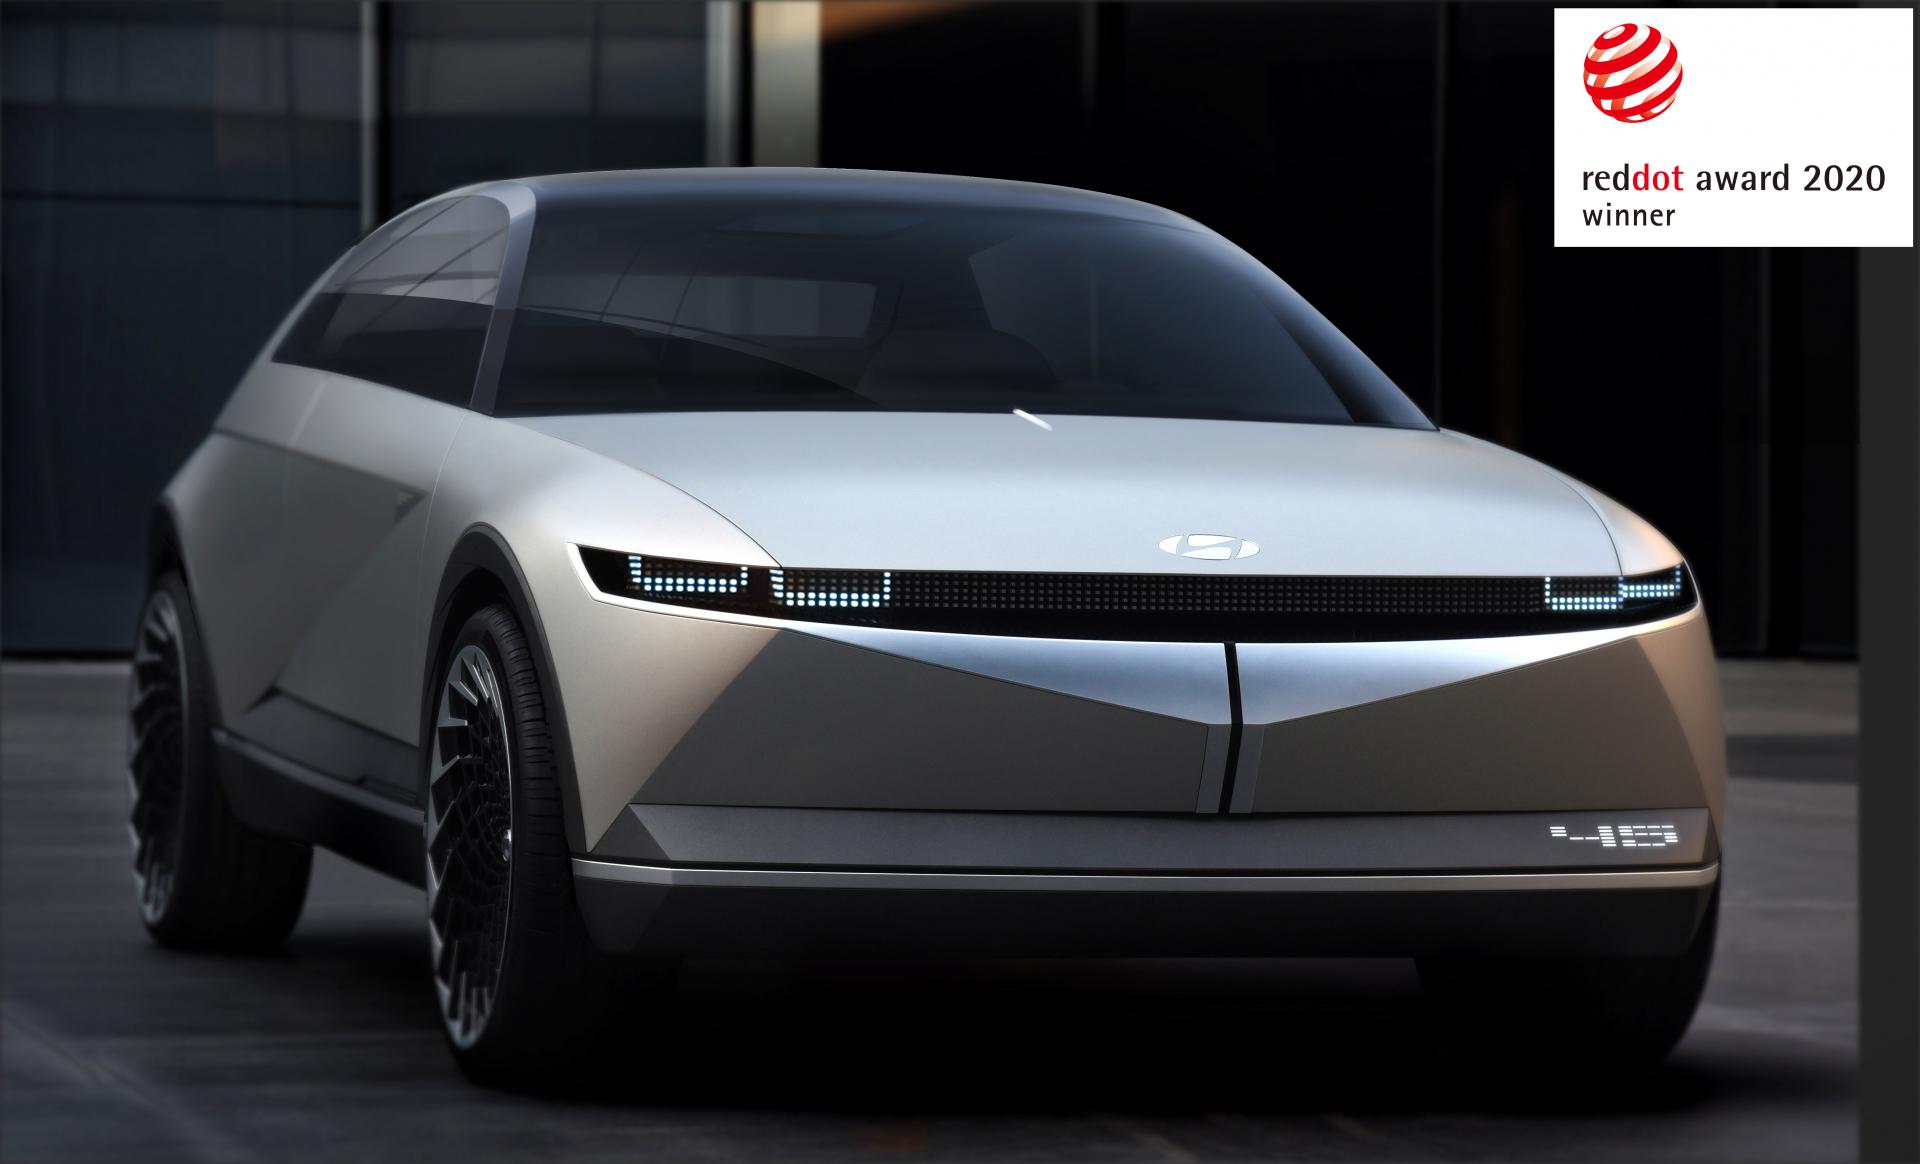 Компанія Hyundai Motor отримала три нагороди Red Dot Award 2020 за концептуальний дизайн | Базис-Авто - фото 9